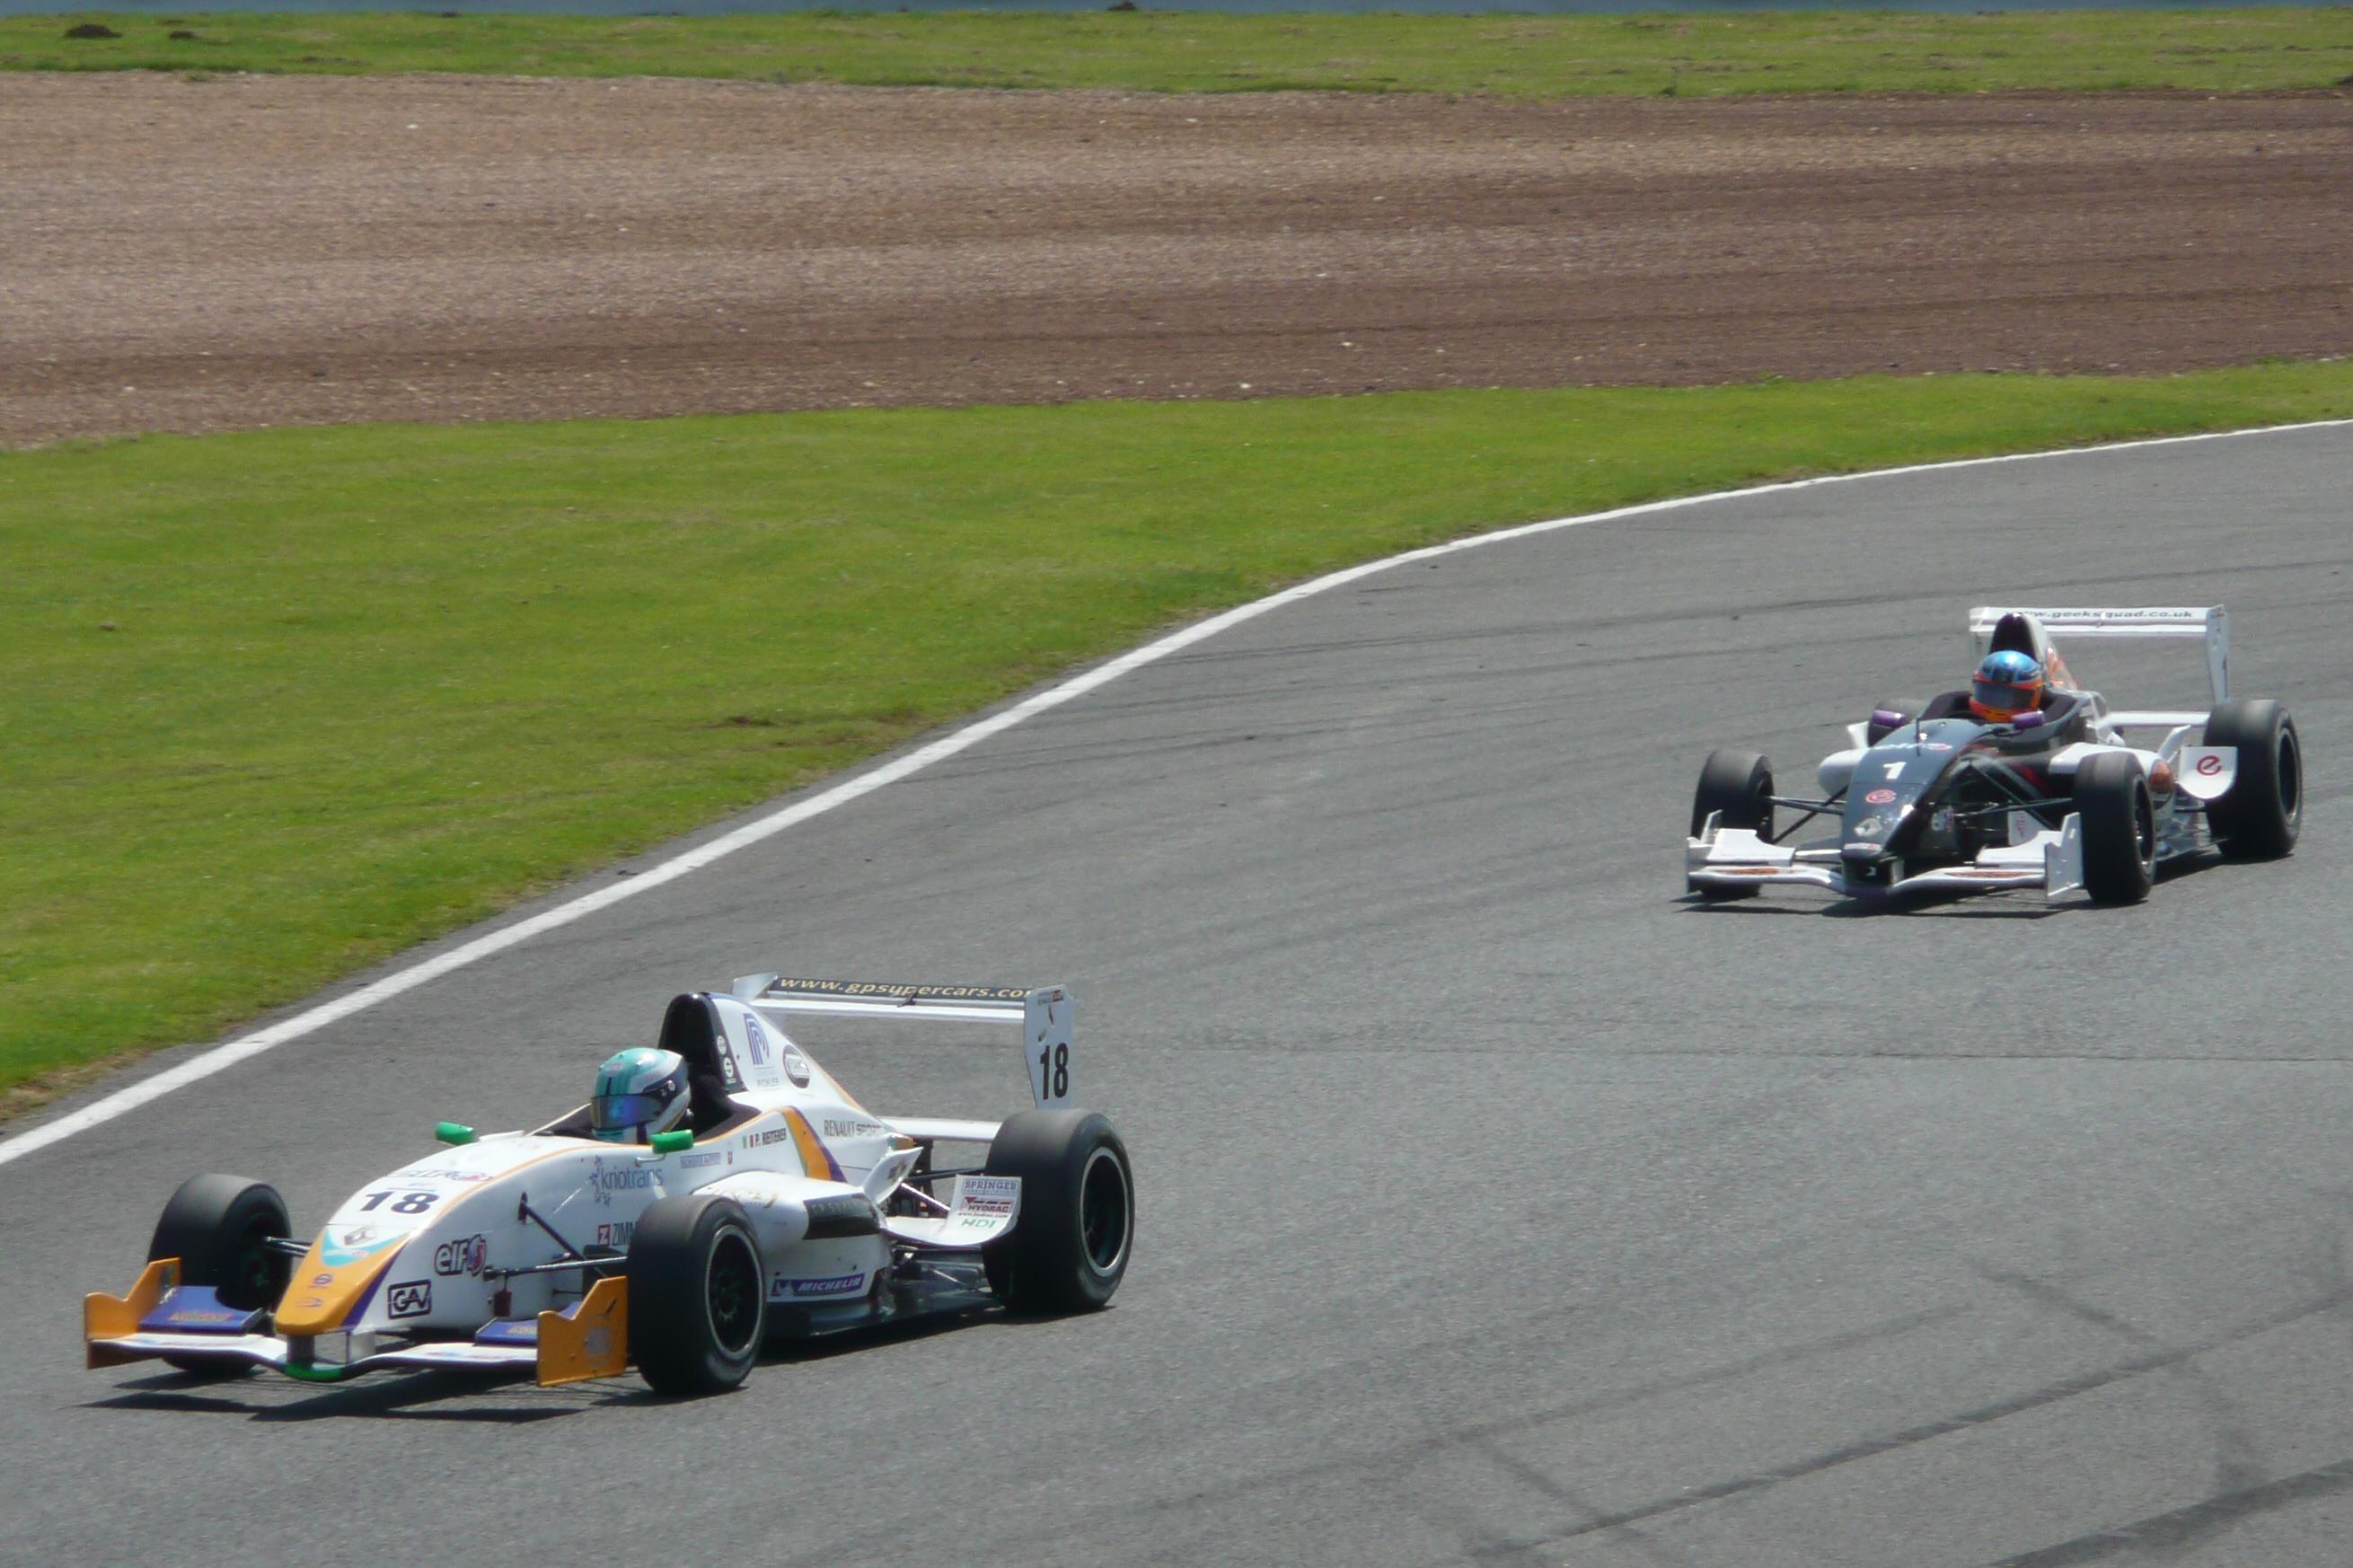 formula renault wikiwand rh wikiwand com Renault Formula E Renault Formula 1